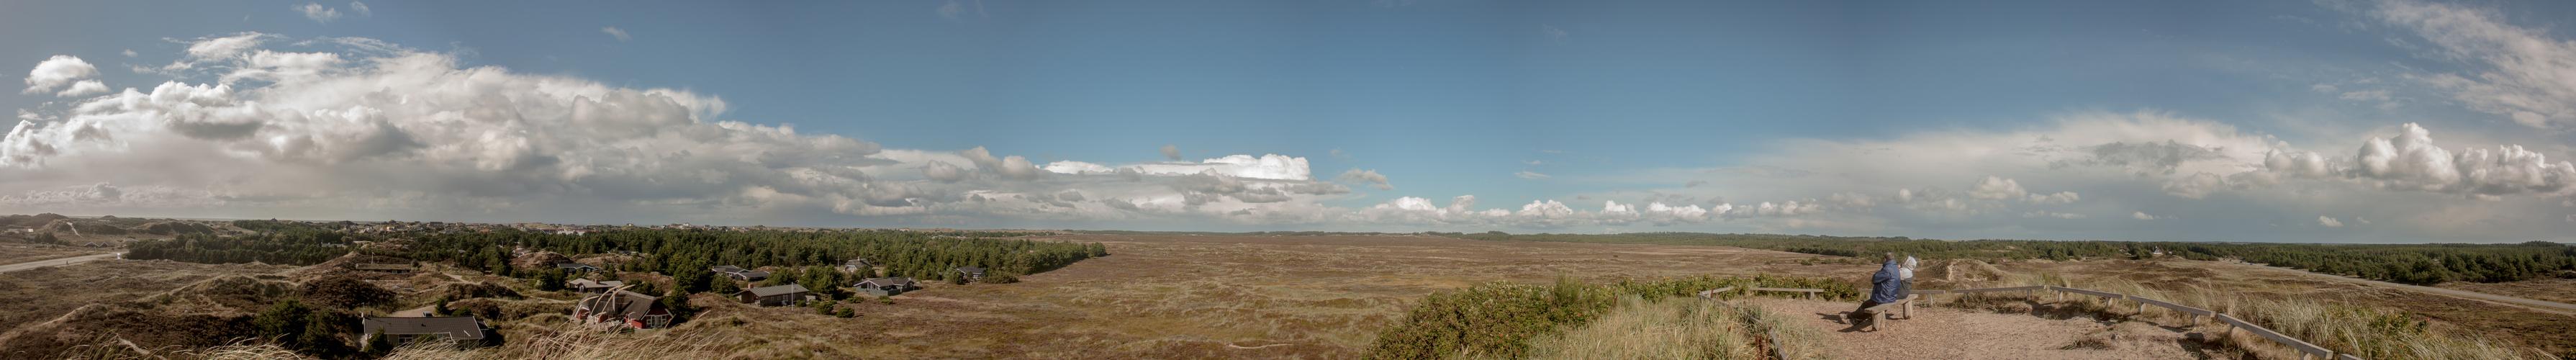 Aussichtsplattform in Dänemark